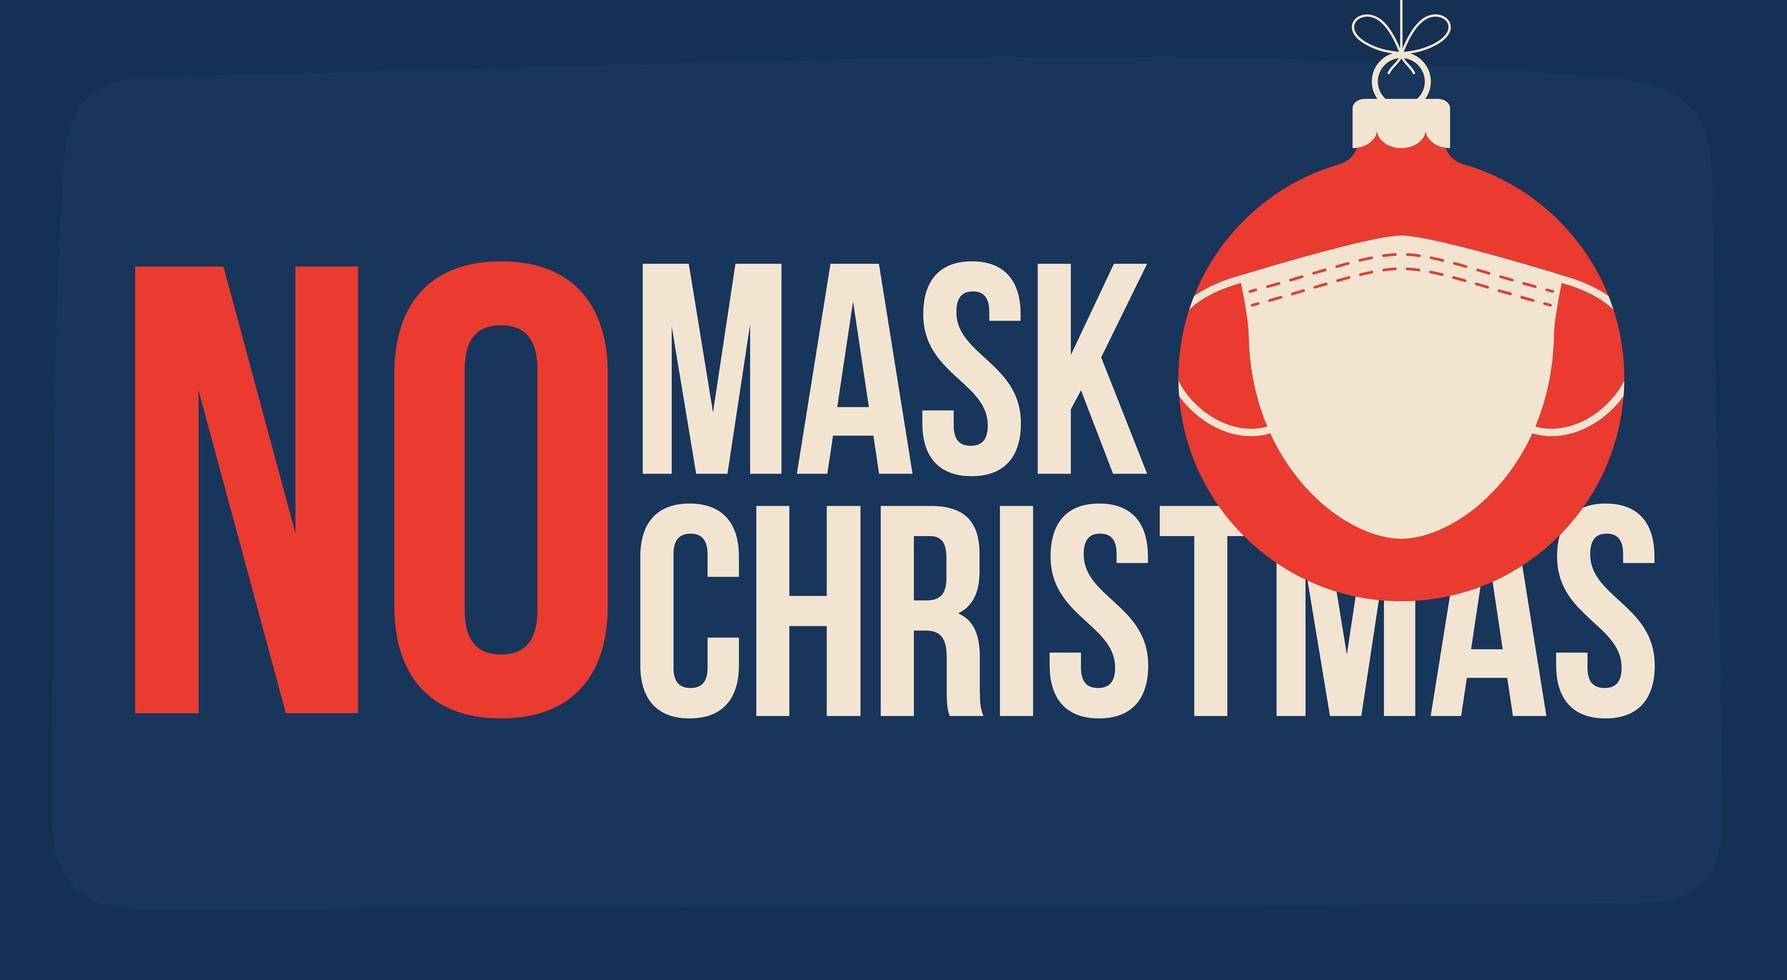 ingen mask ingen julaffisch med maskerad prydnad vektor